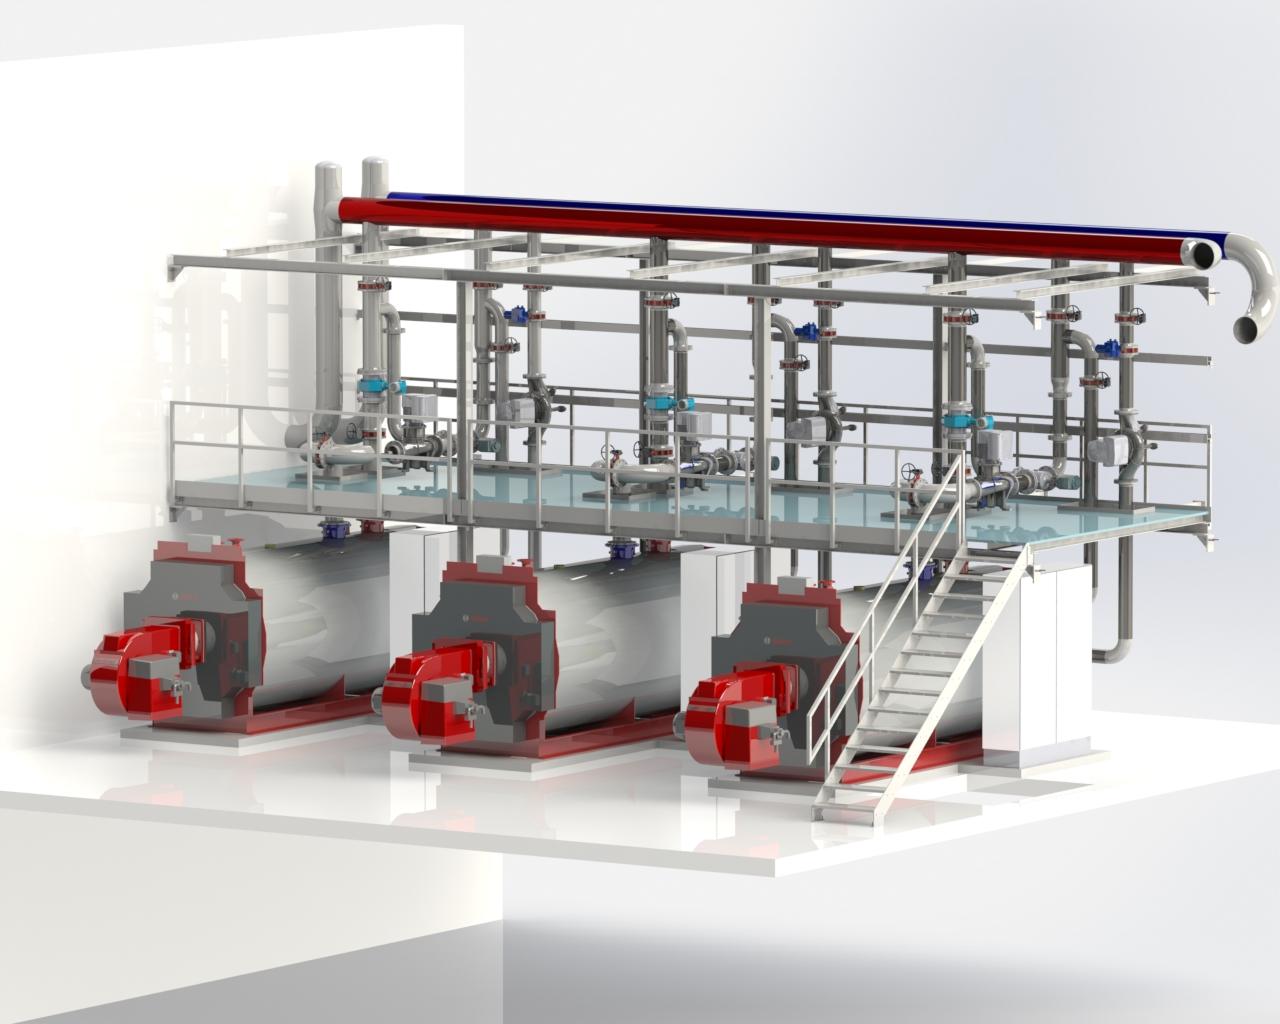 CAD Bild für die Energiezentrale im Center Parcs Allgäu